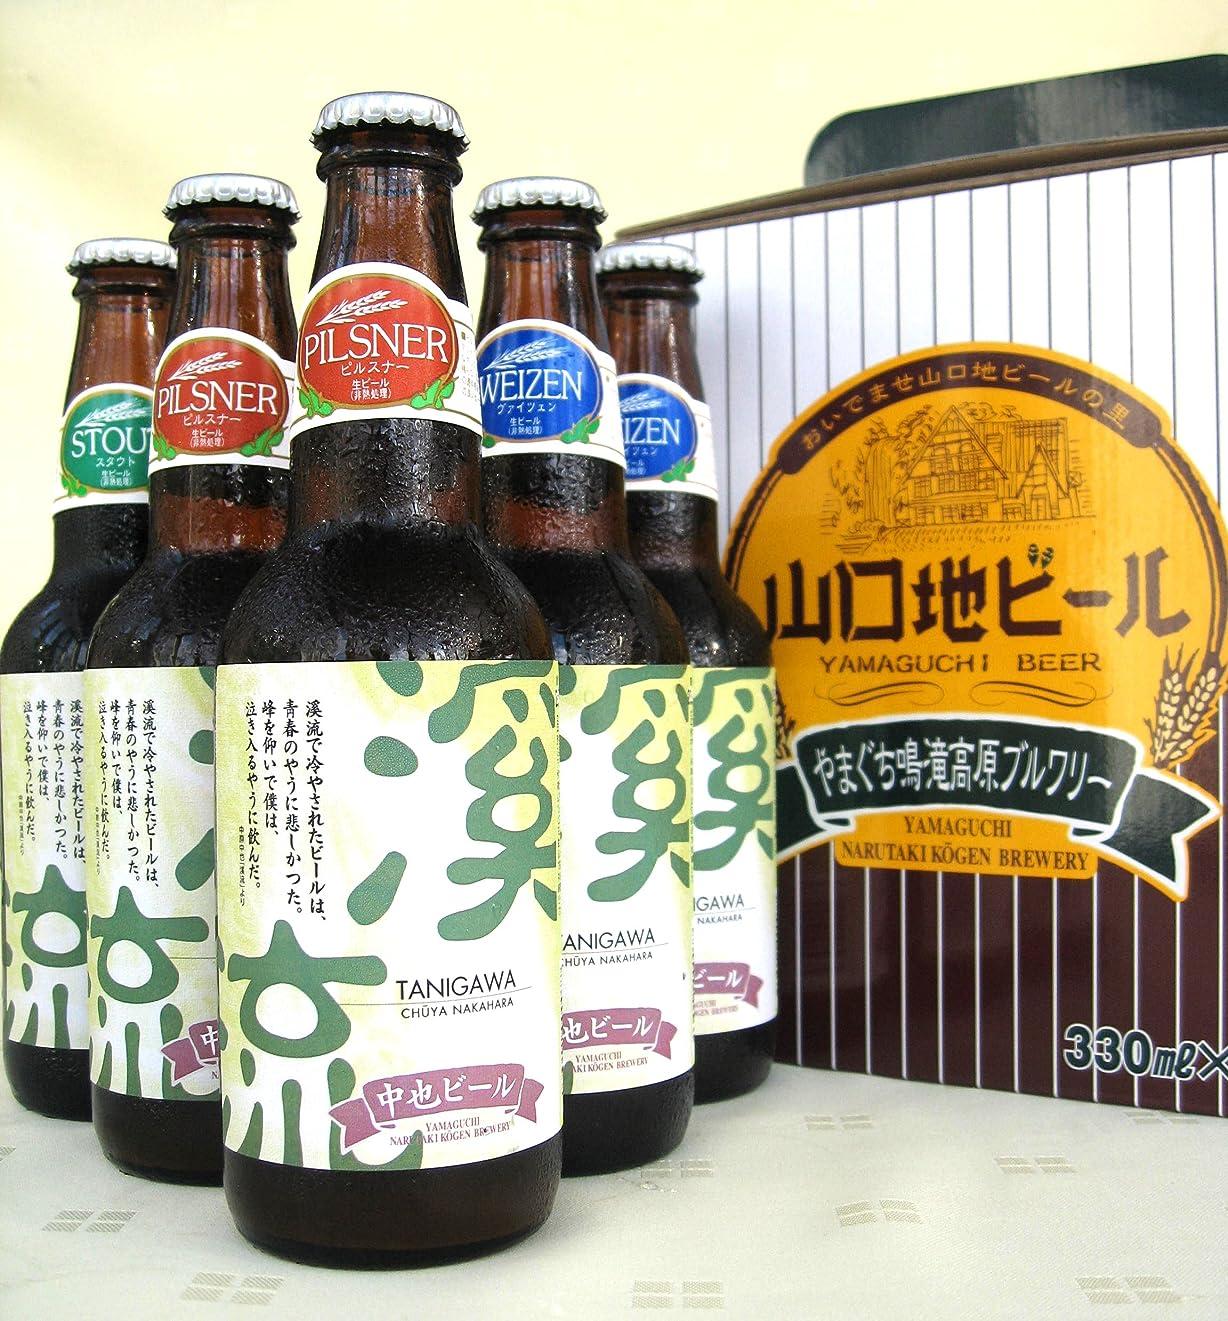 中原中也ビール 6本セット(ピルスナー?ヴァイツェン?スタウト)